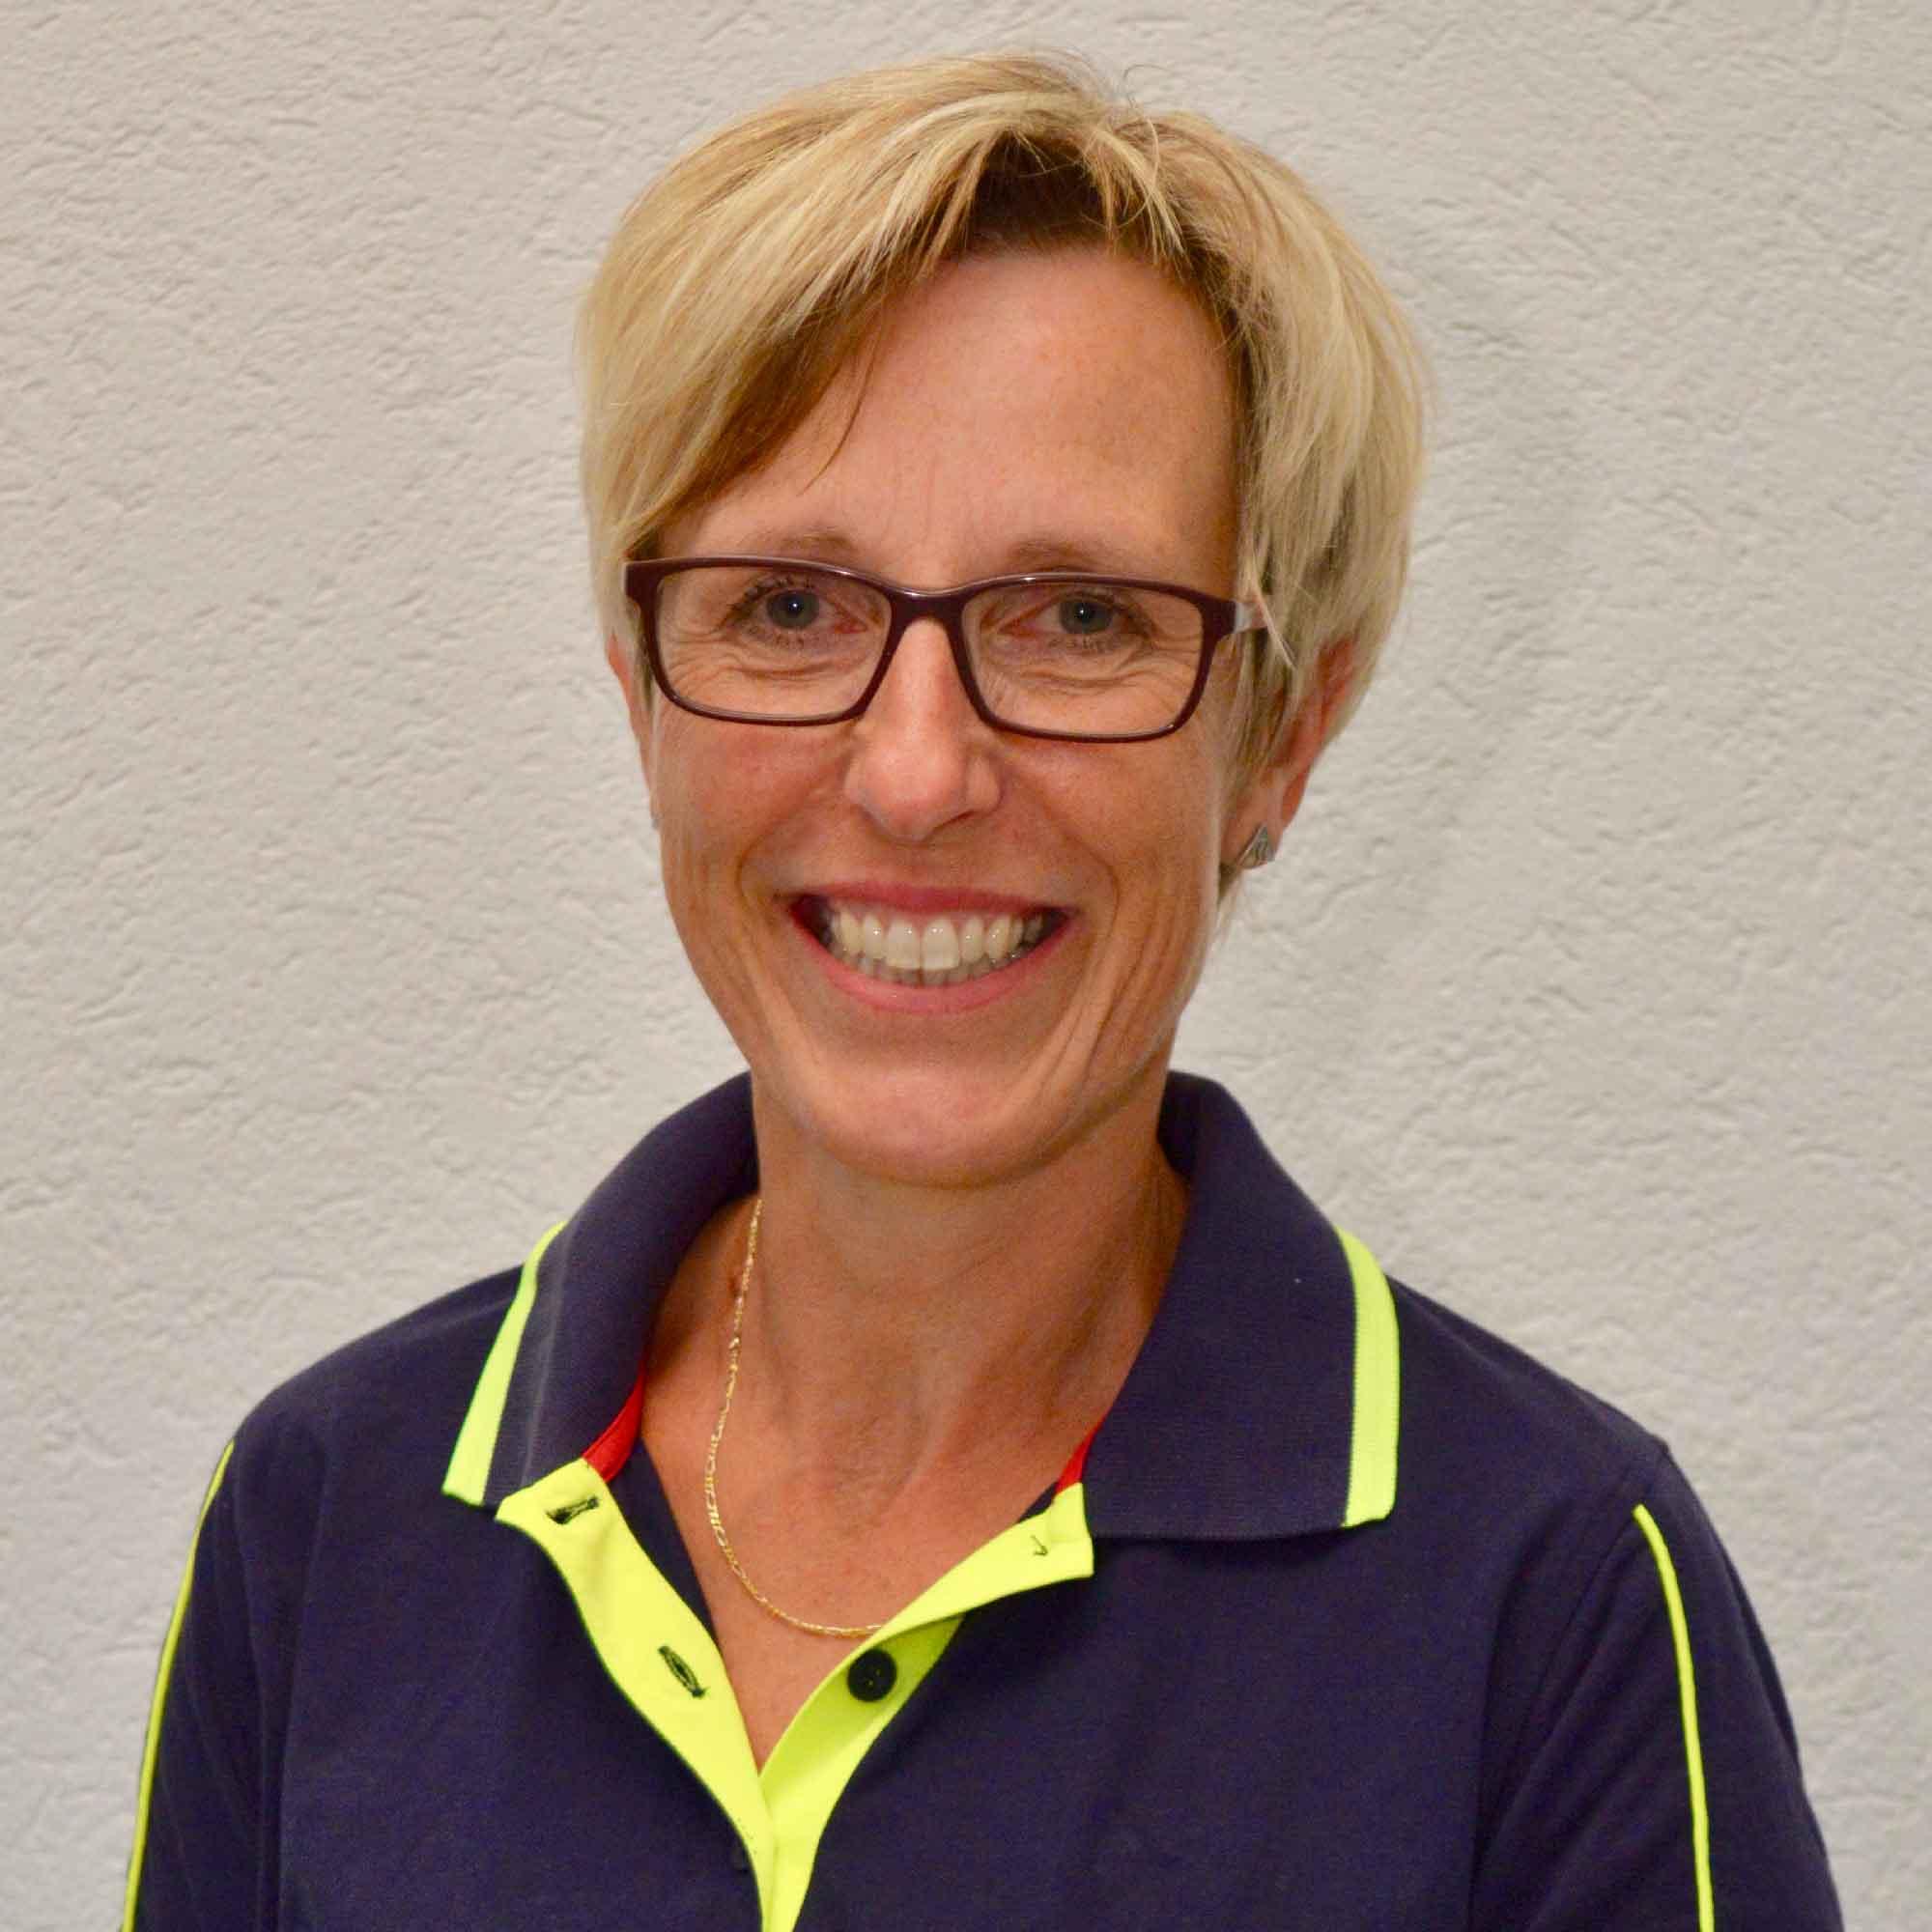 Edith Burkhard